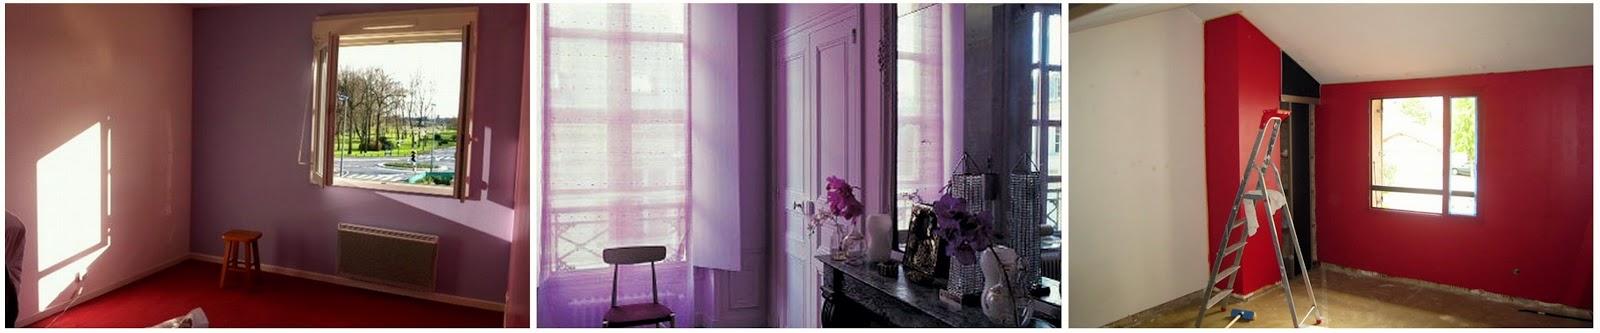 cout peintre en batiment chambre paris peintre professionnel cesu. Black Bedroom Furniture Sets. Home Design Ideas